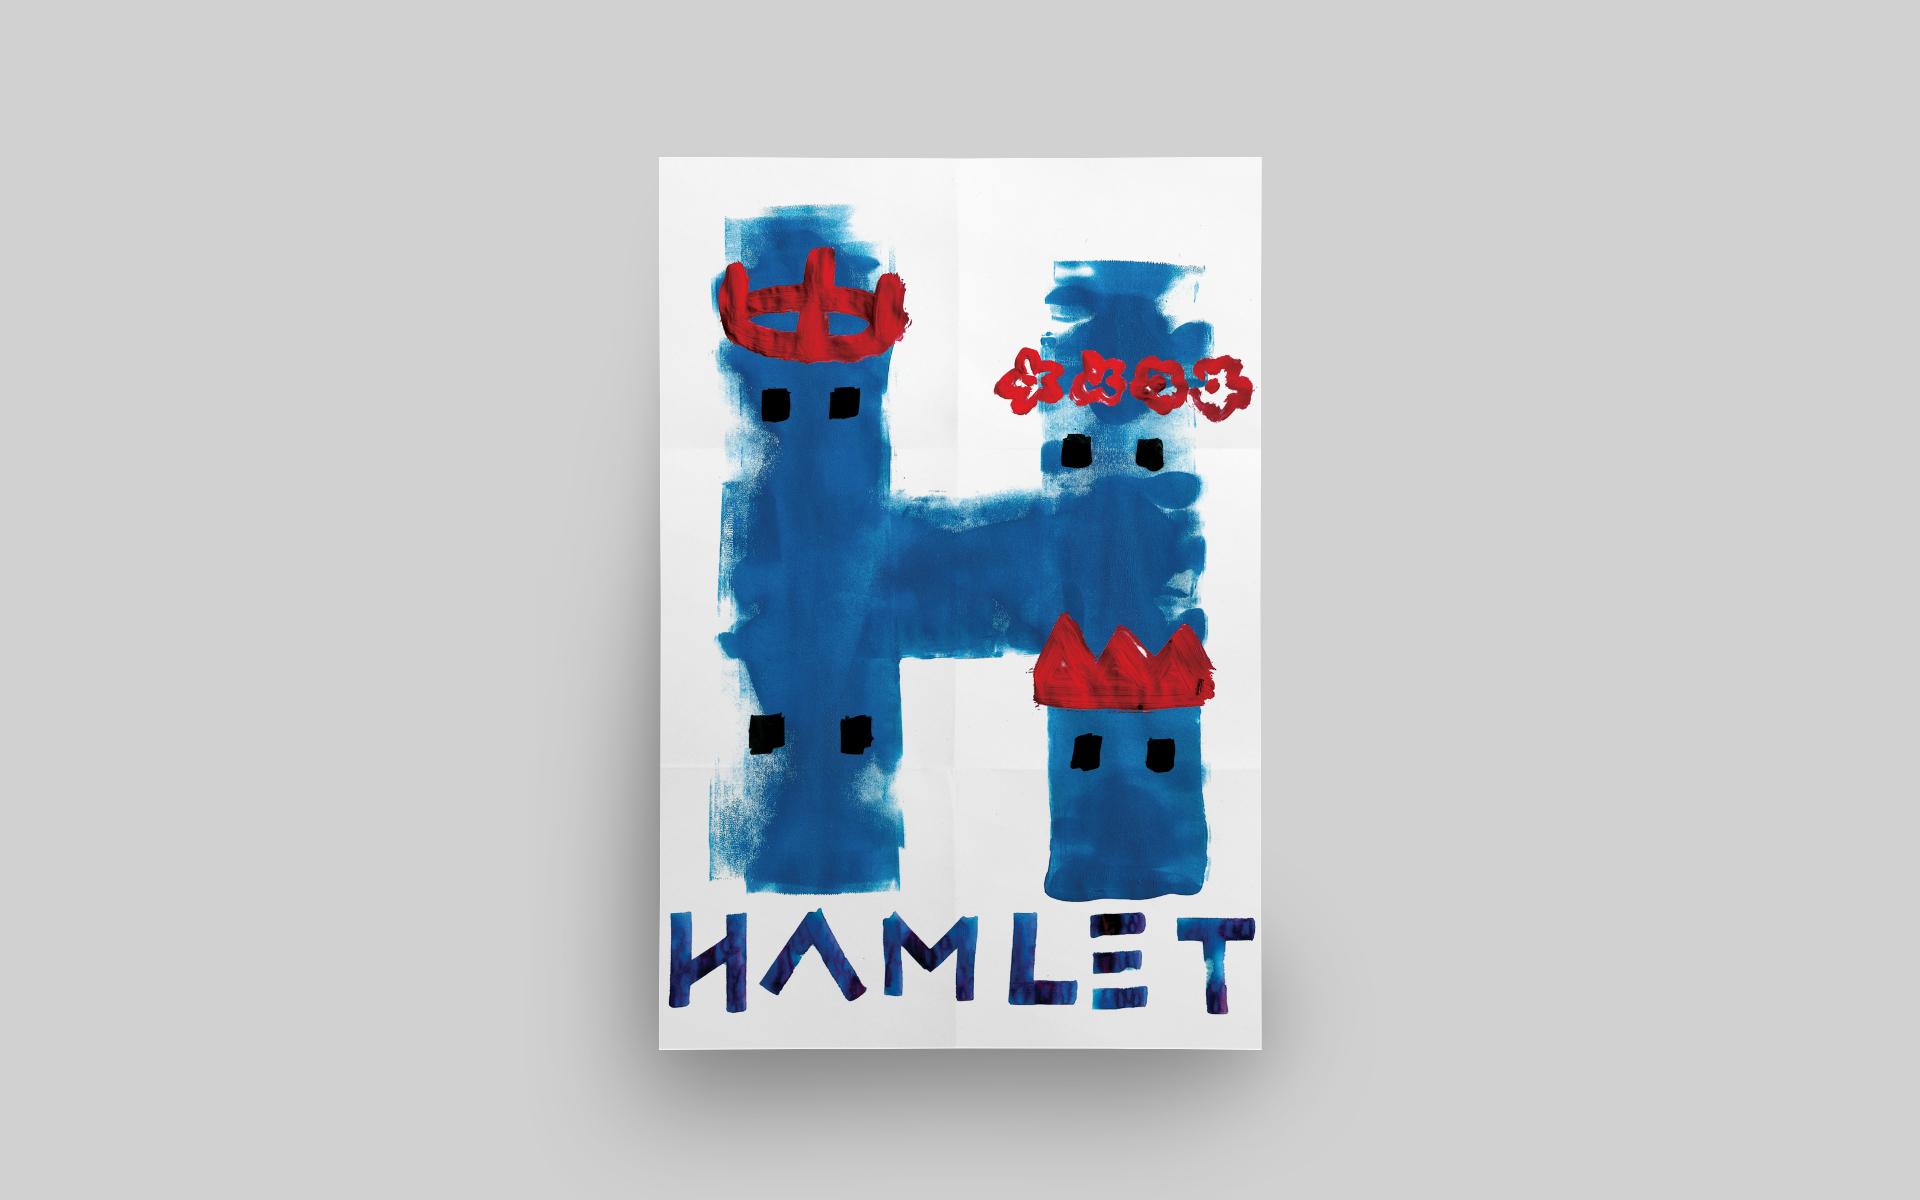 hamlet1.jpg